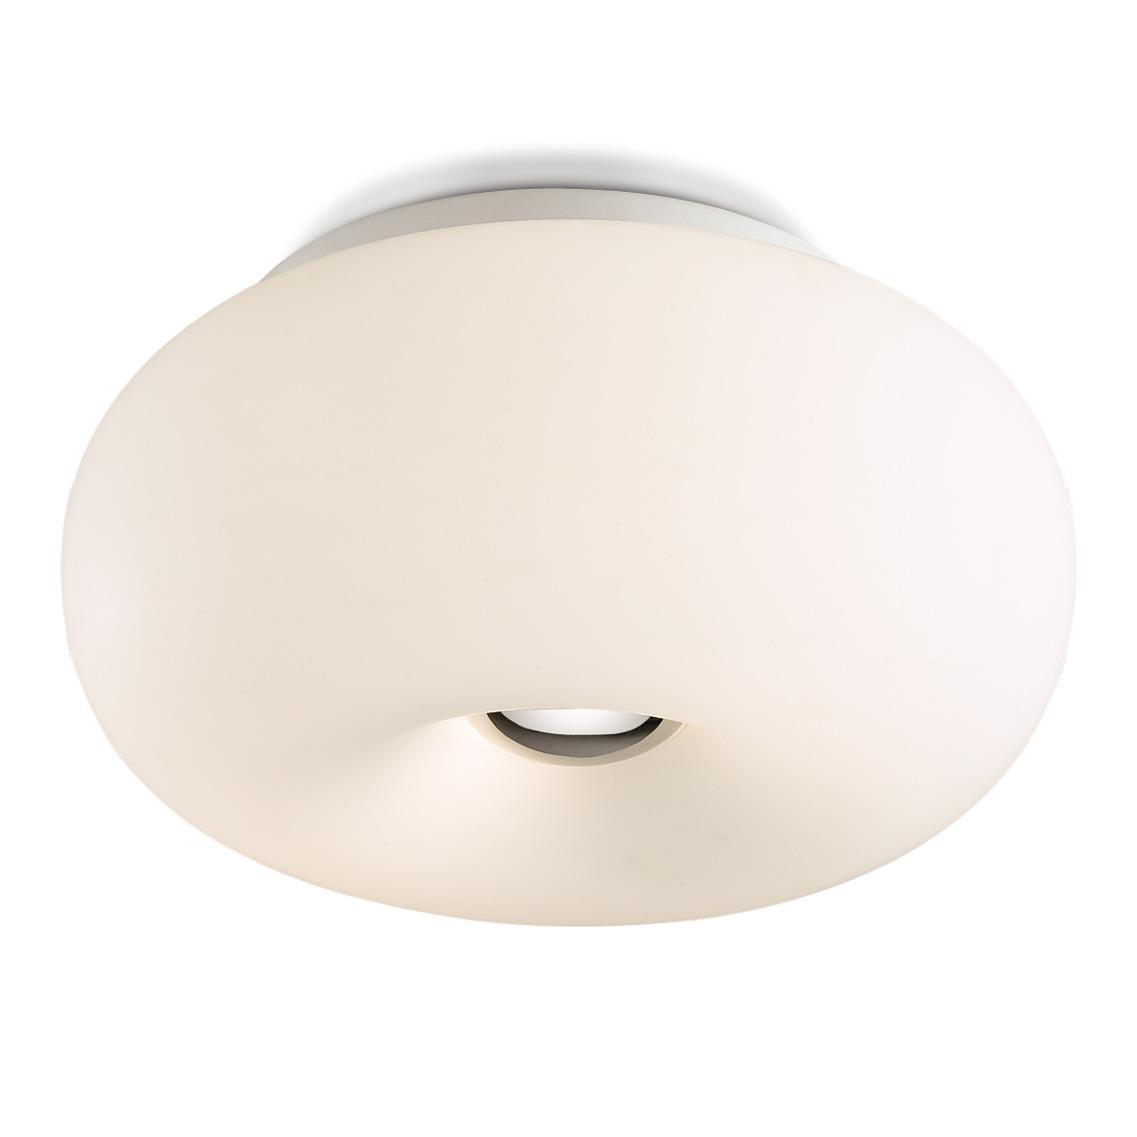 Потолочный светильник Odeon Light Pati 2205/2C потолочный светильник odeon 2205 2c